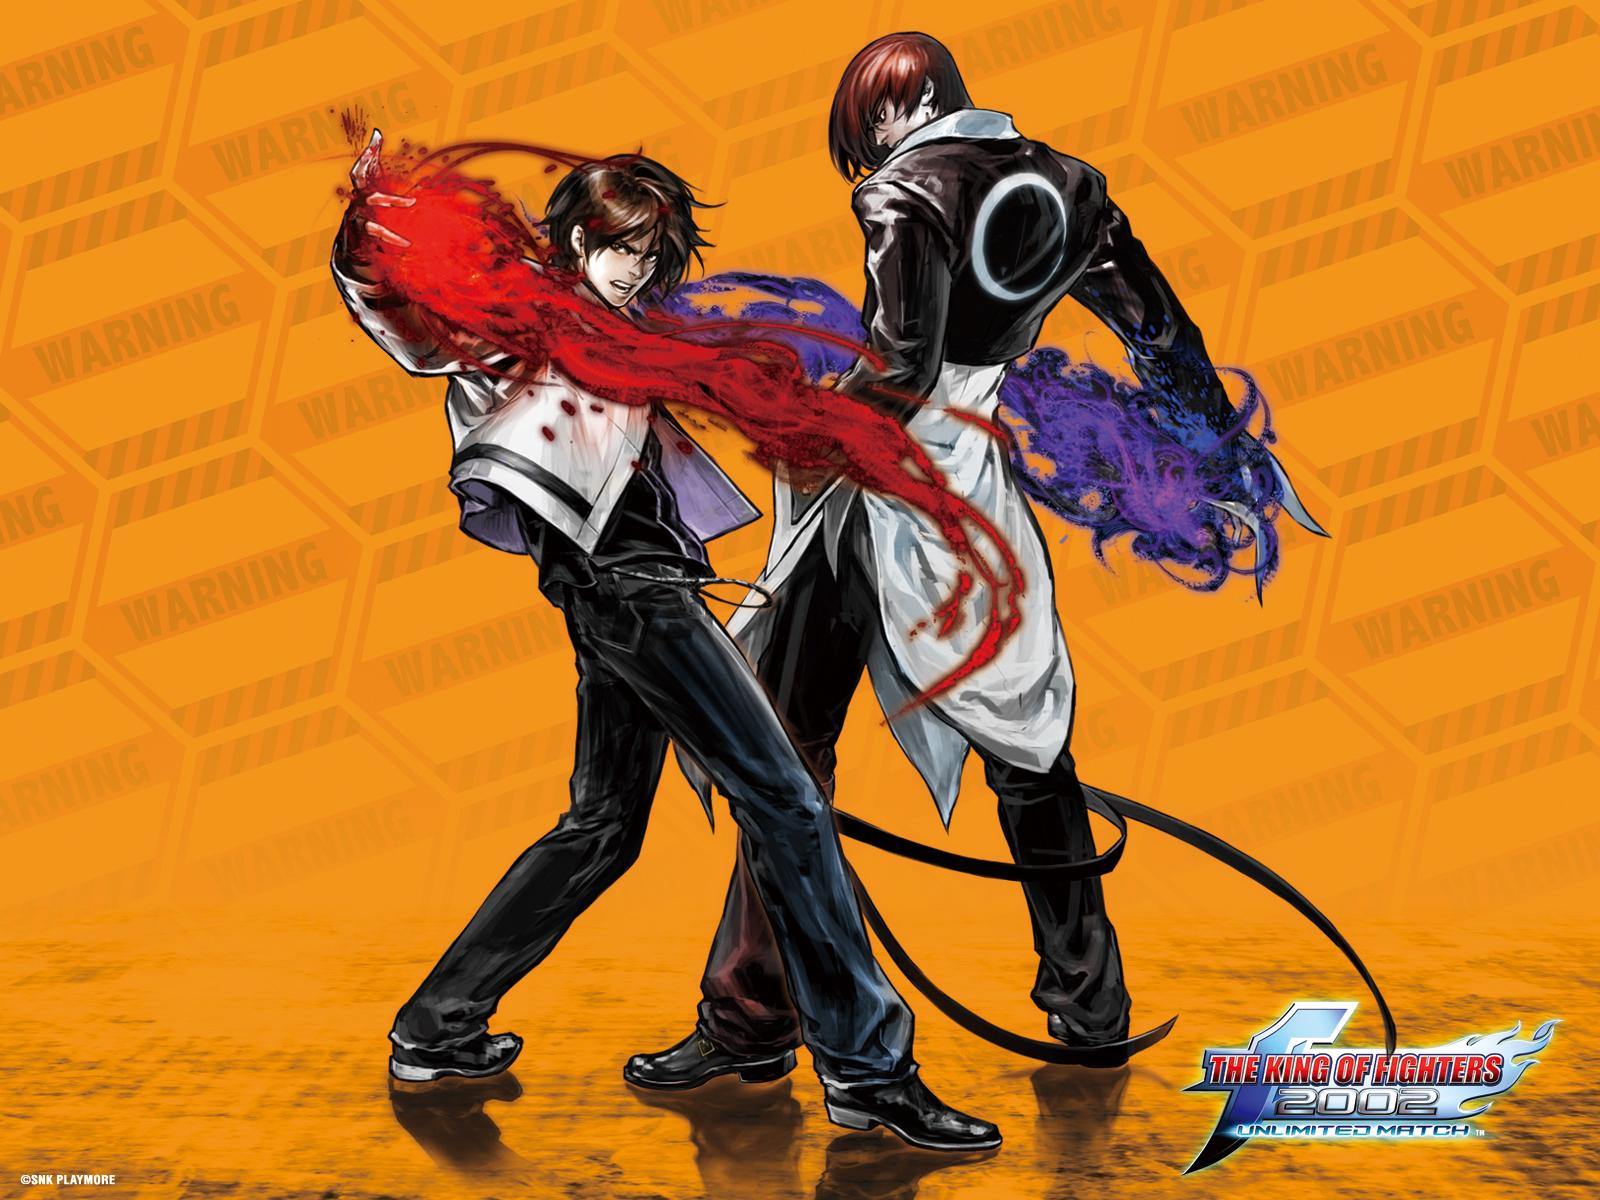 king of fighters, wallpaper - zerochan anime image board